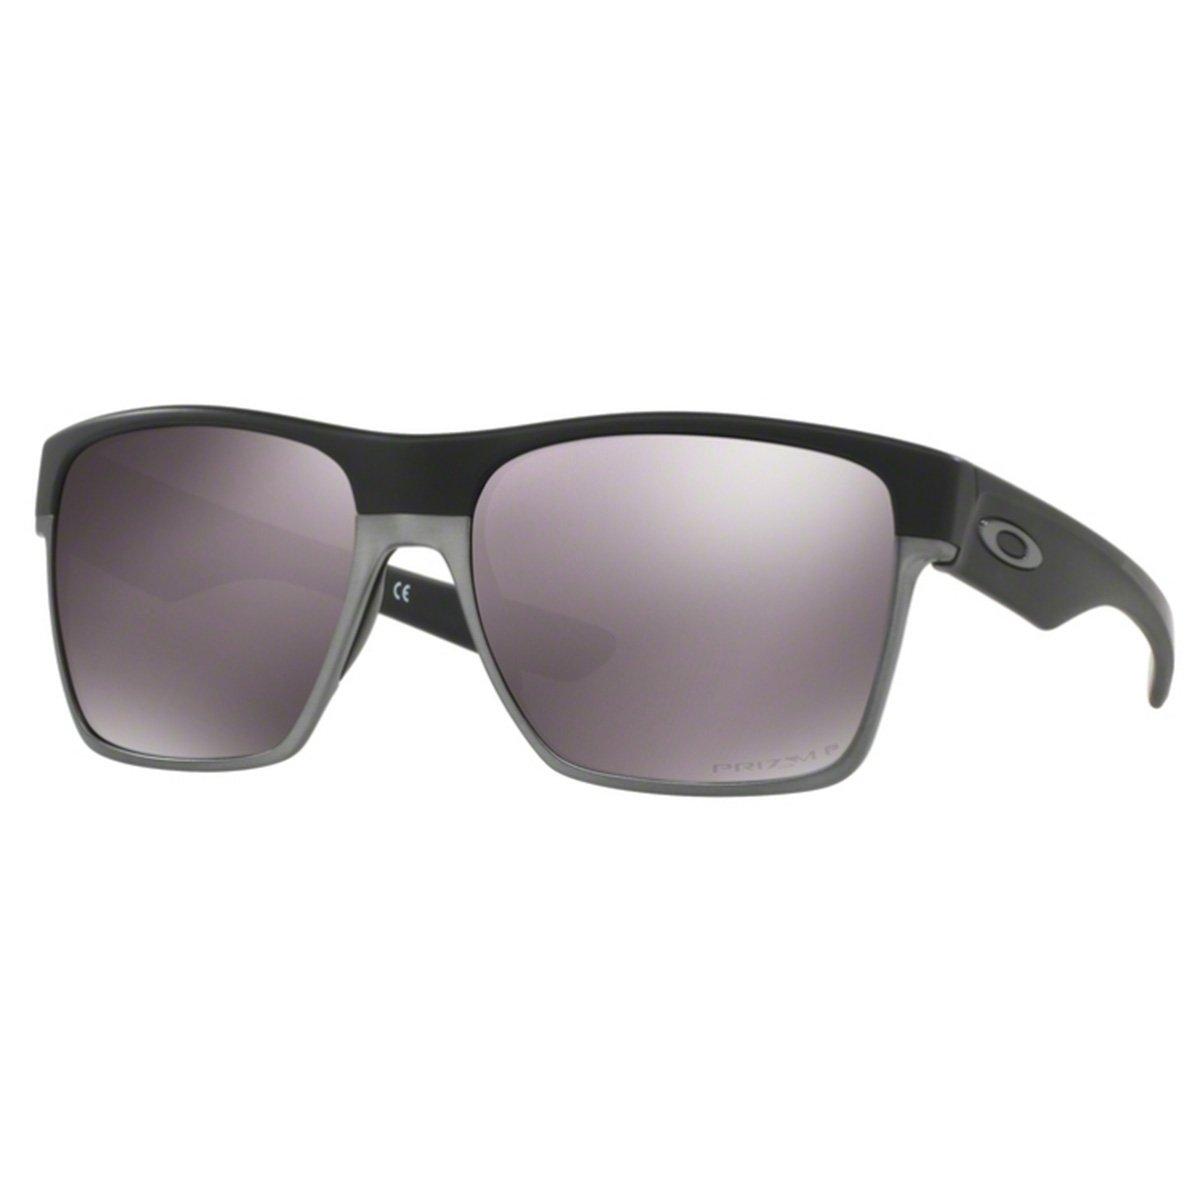 a4f8988b84ceb Compre Óculos de Sol Oakley Twoface XL em 10X